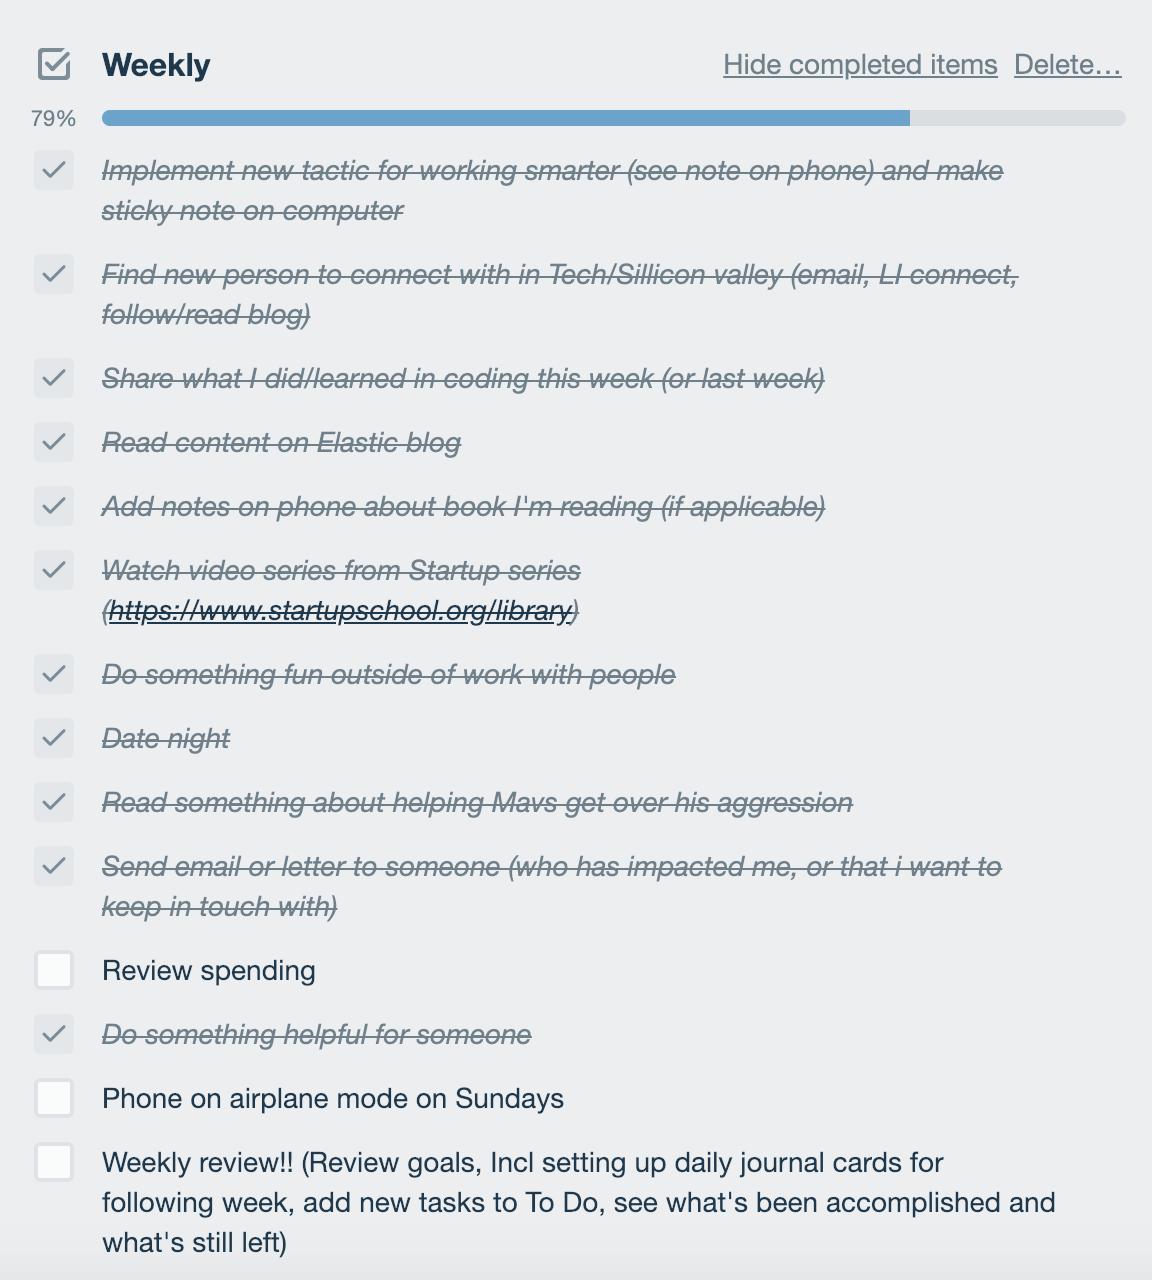 checklist des objectifs hebdomadaires